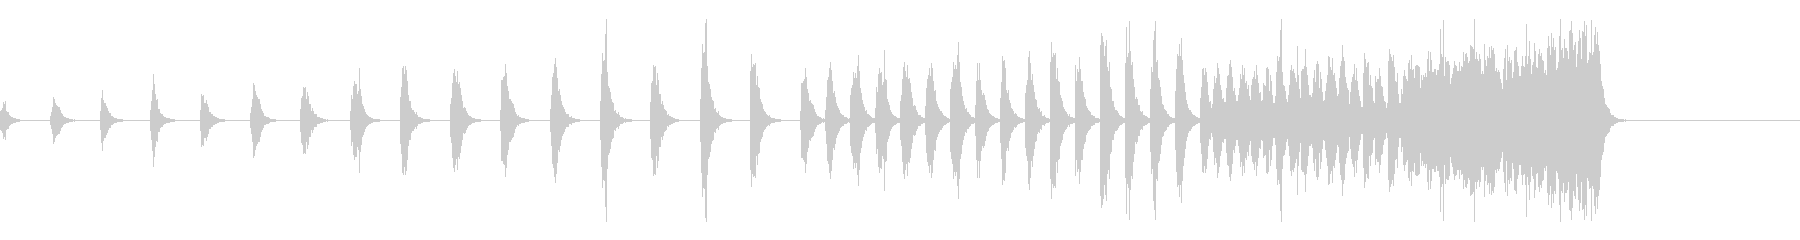 徐々にテンポが上がる連続クラップ、拍手の未再生の波形